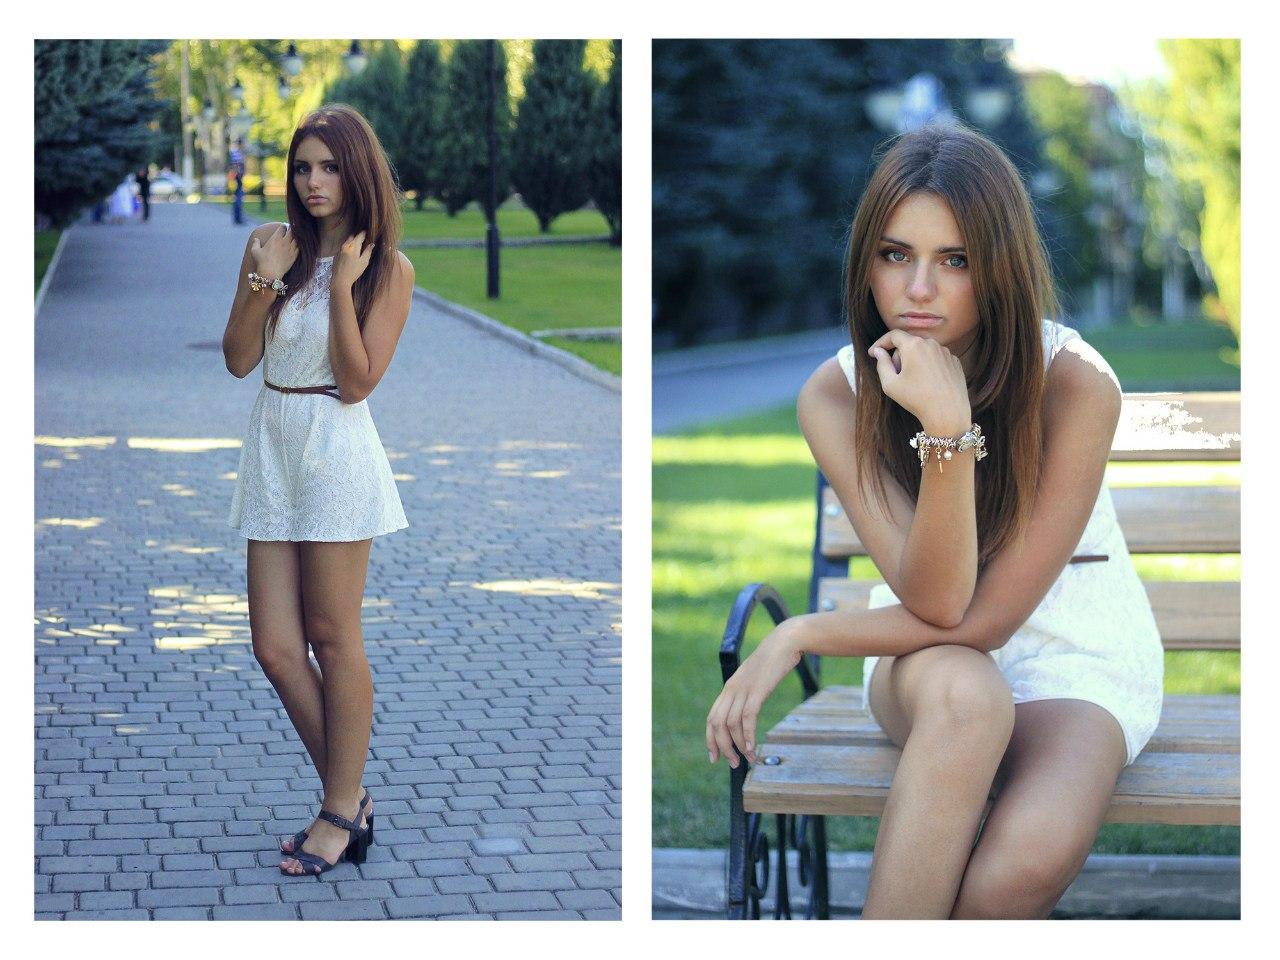 Фото одной и той же девушки красивой девушки 2 фотография